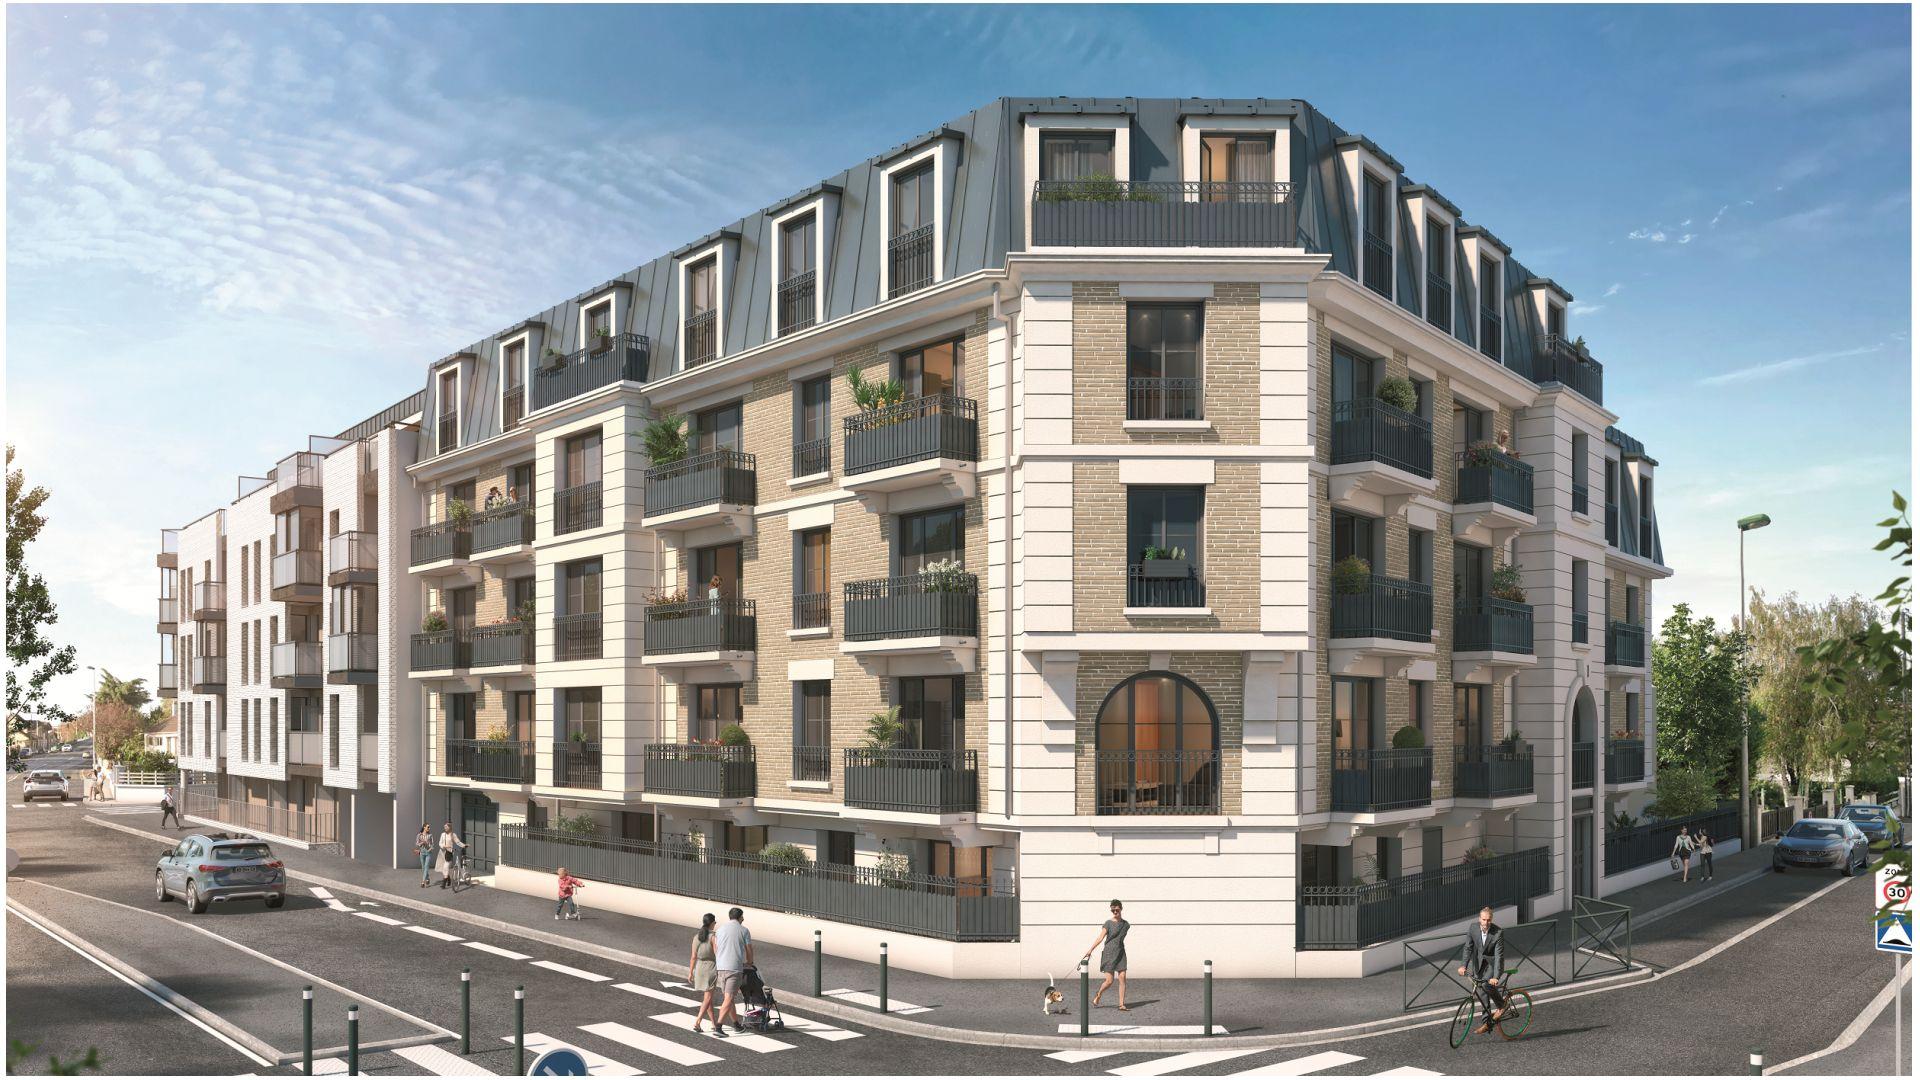 Greencity Immobilier - Cours Boileau - achat appartements neufs du T1 au T5 - Aulnay-sous-Bois - 93600